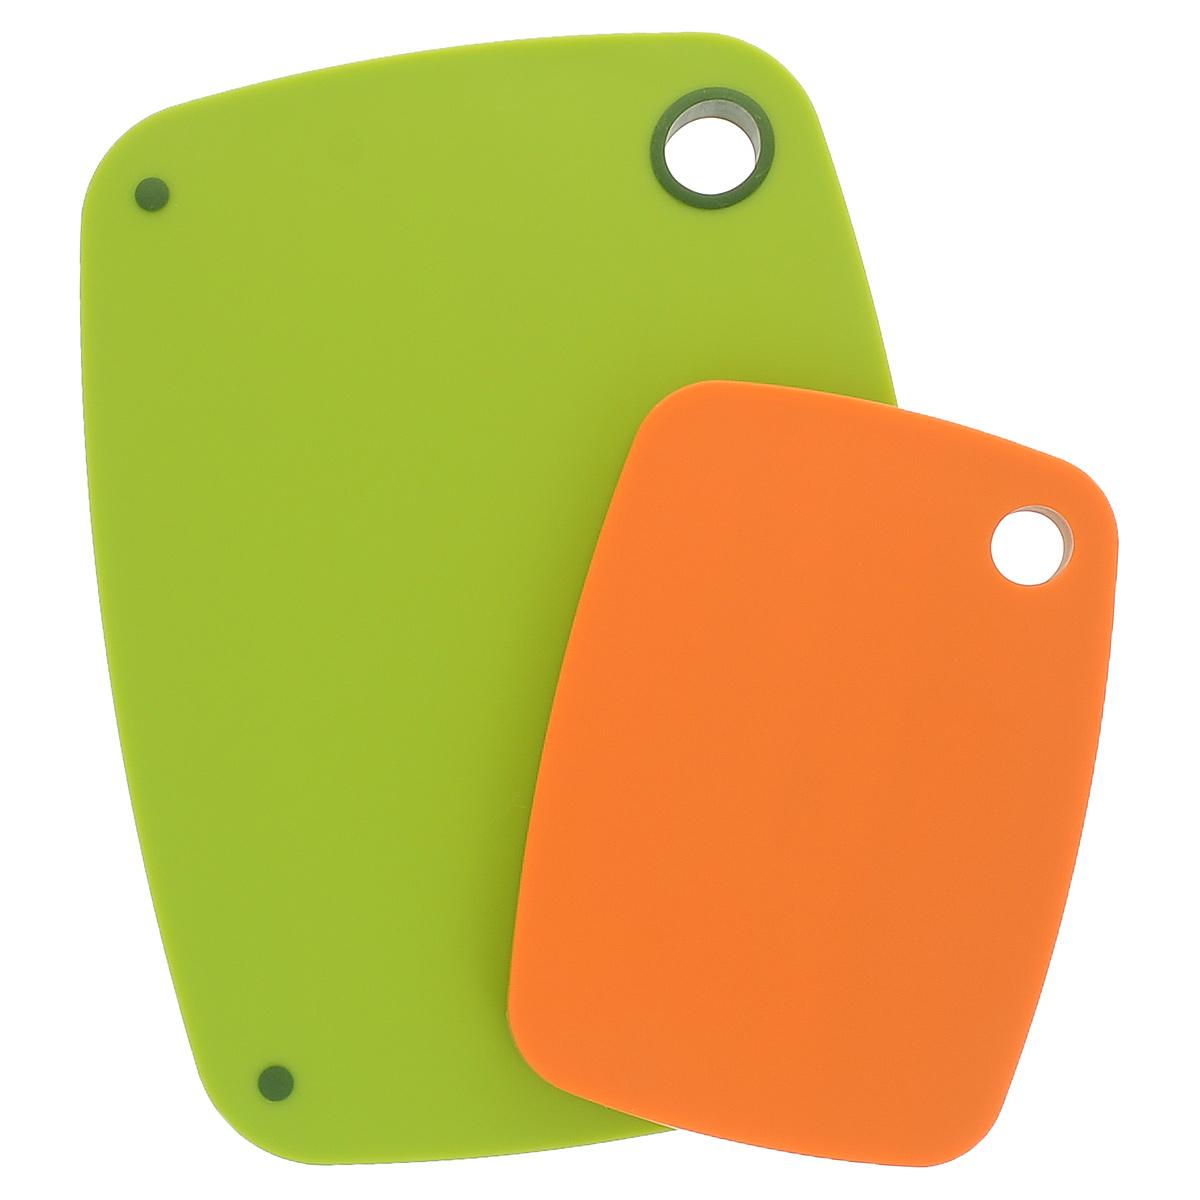 Набор разделочных досок из бамбука, цвет: салатовый, оранжевый, 2 штFY00045-P +FY00040-PНабор состоит из двух разделочных досок, выполненных с одной стороны из пищевого пластика, а с другой стороны из натурального бамбука. Доска большего размера имеют прорезиненные ножки, которые предотвращают скольжение доски. Оригинальный набор разделочных досок понравится всем ценителям оригинальных вещей и займет достойное место на вашей кухне.